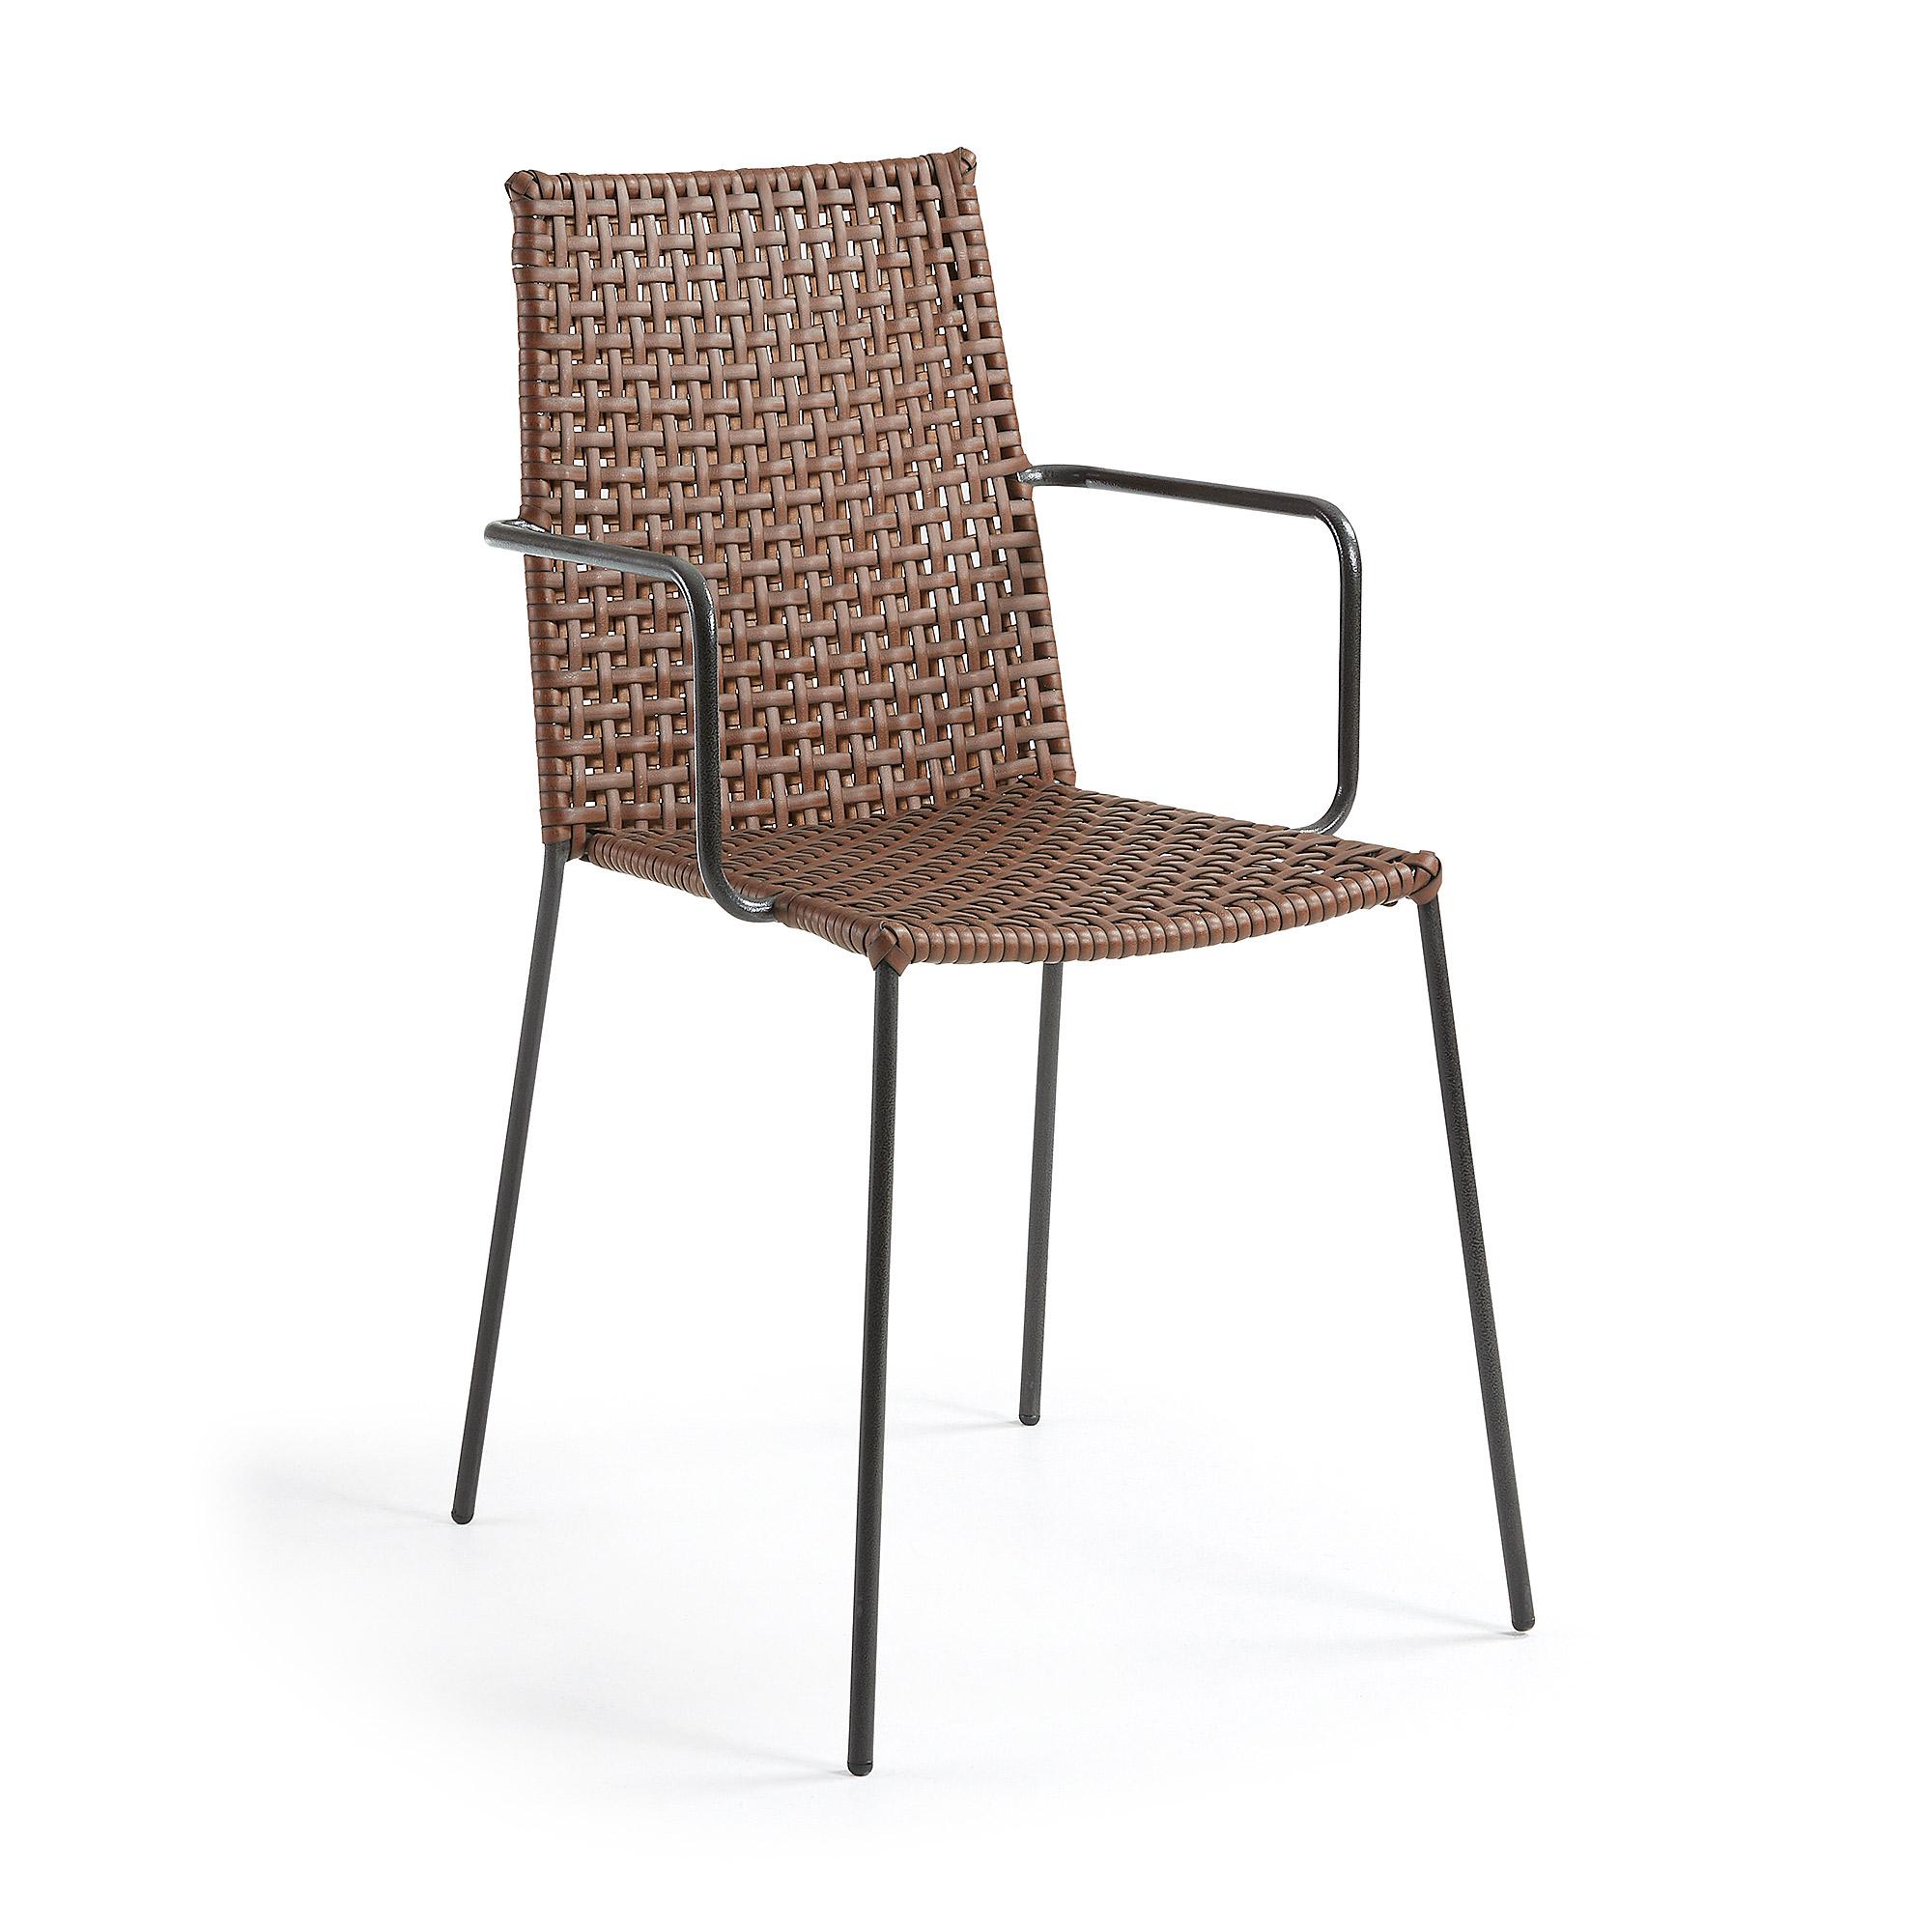 laforma Laforma blast lænestol - brun/grå syntetisk læder/stål, m. armlæn fra boboonline.dk